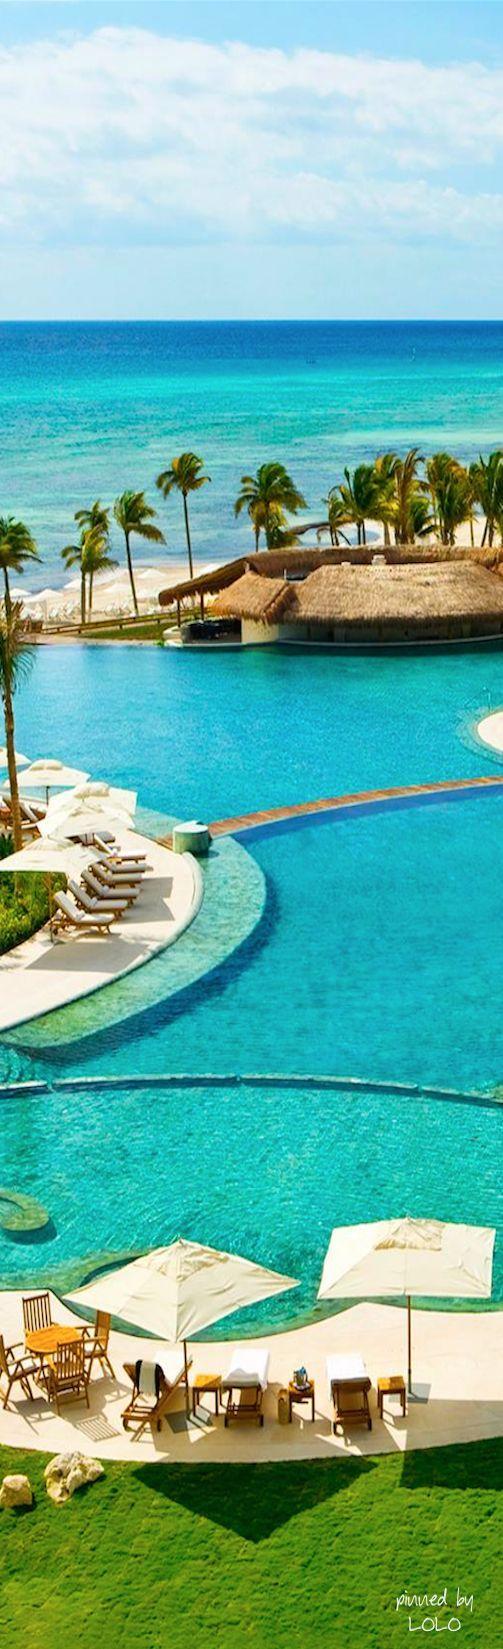 Grand Velas Riviera Maya   11 Amazing All Inclusive Honeymoon Resorts